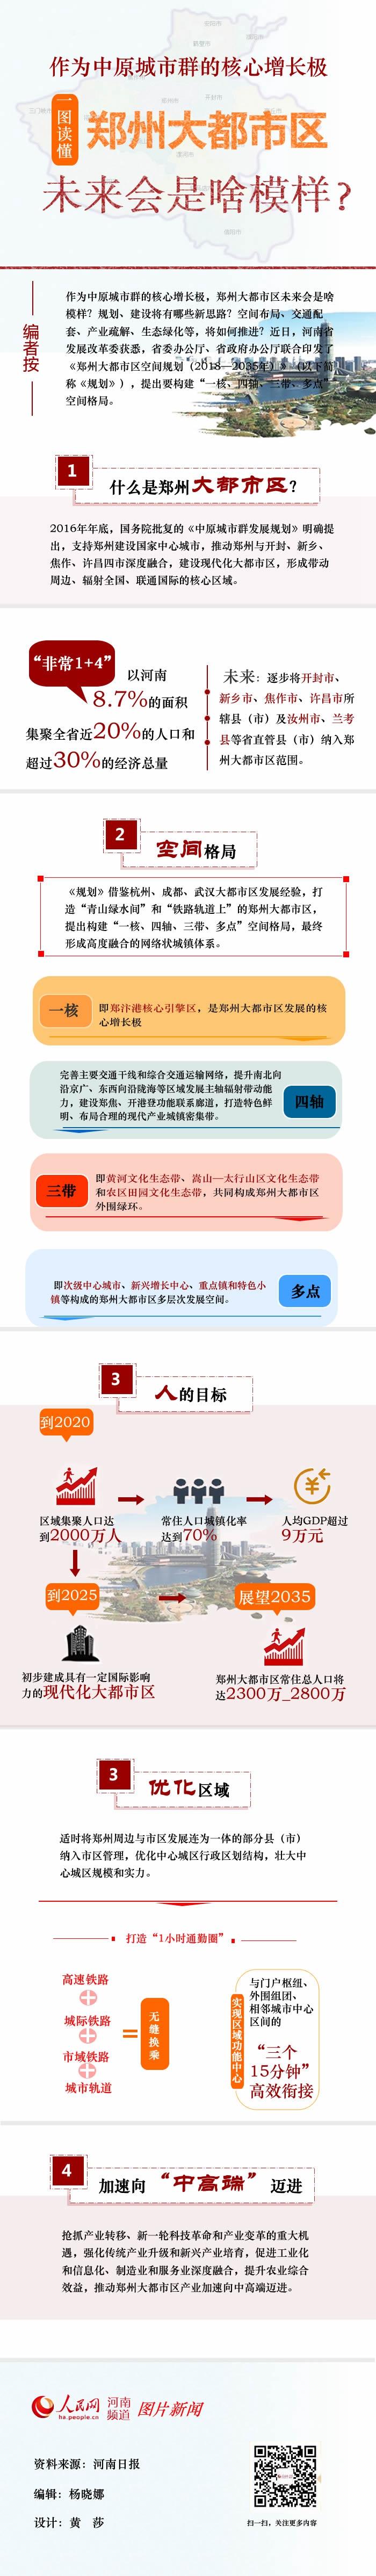 图解:郑州大都市区 未来会是什么模样